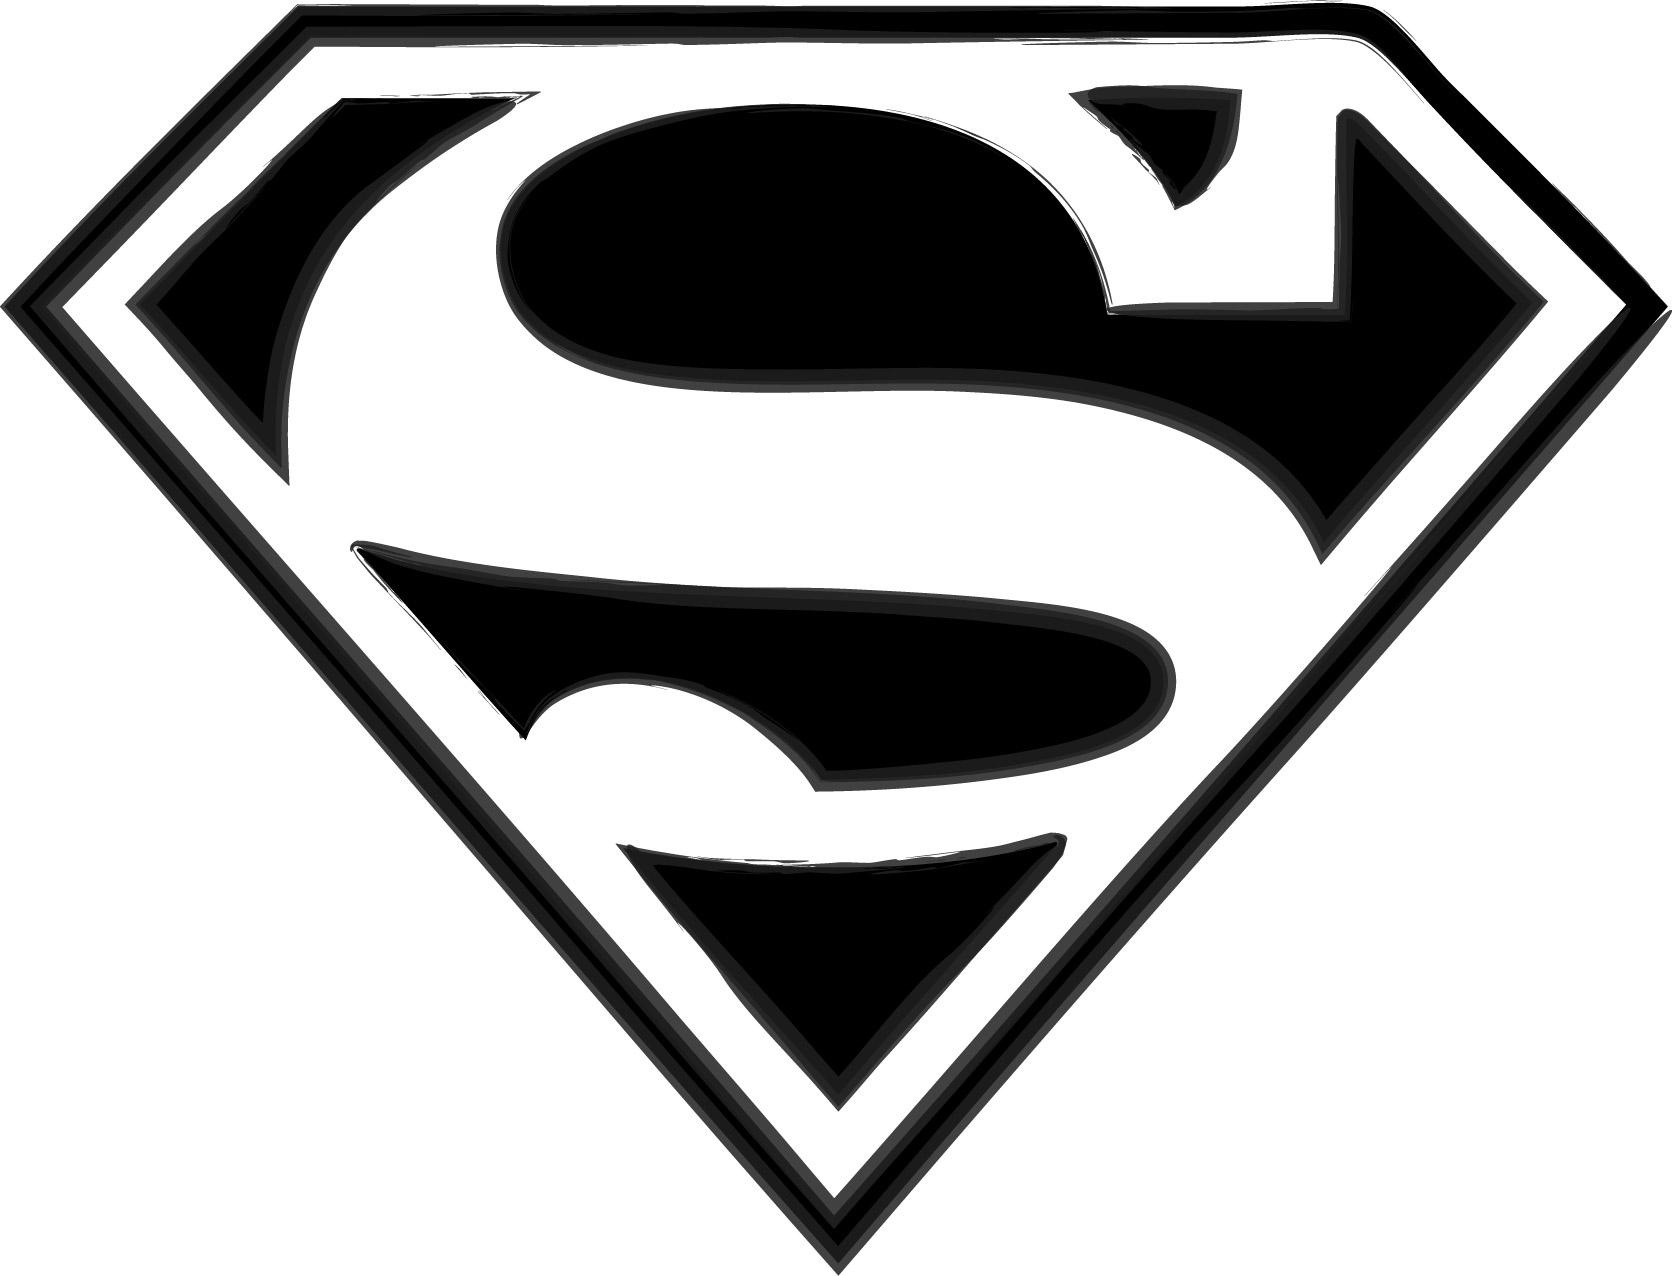 Superwoman symbol clipart free clip art images 2